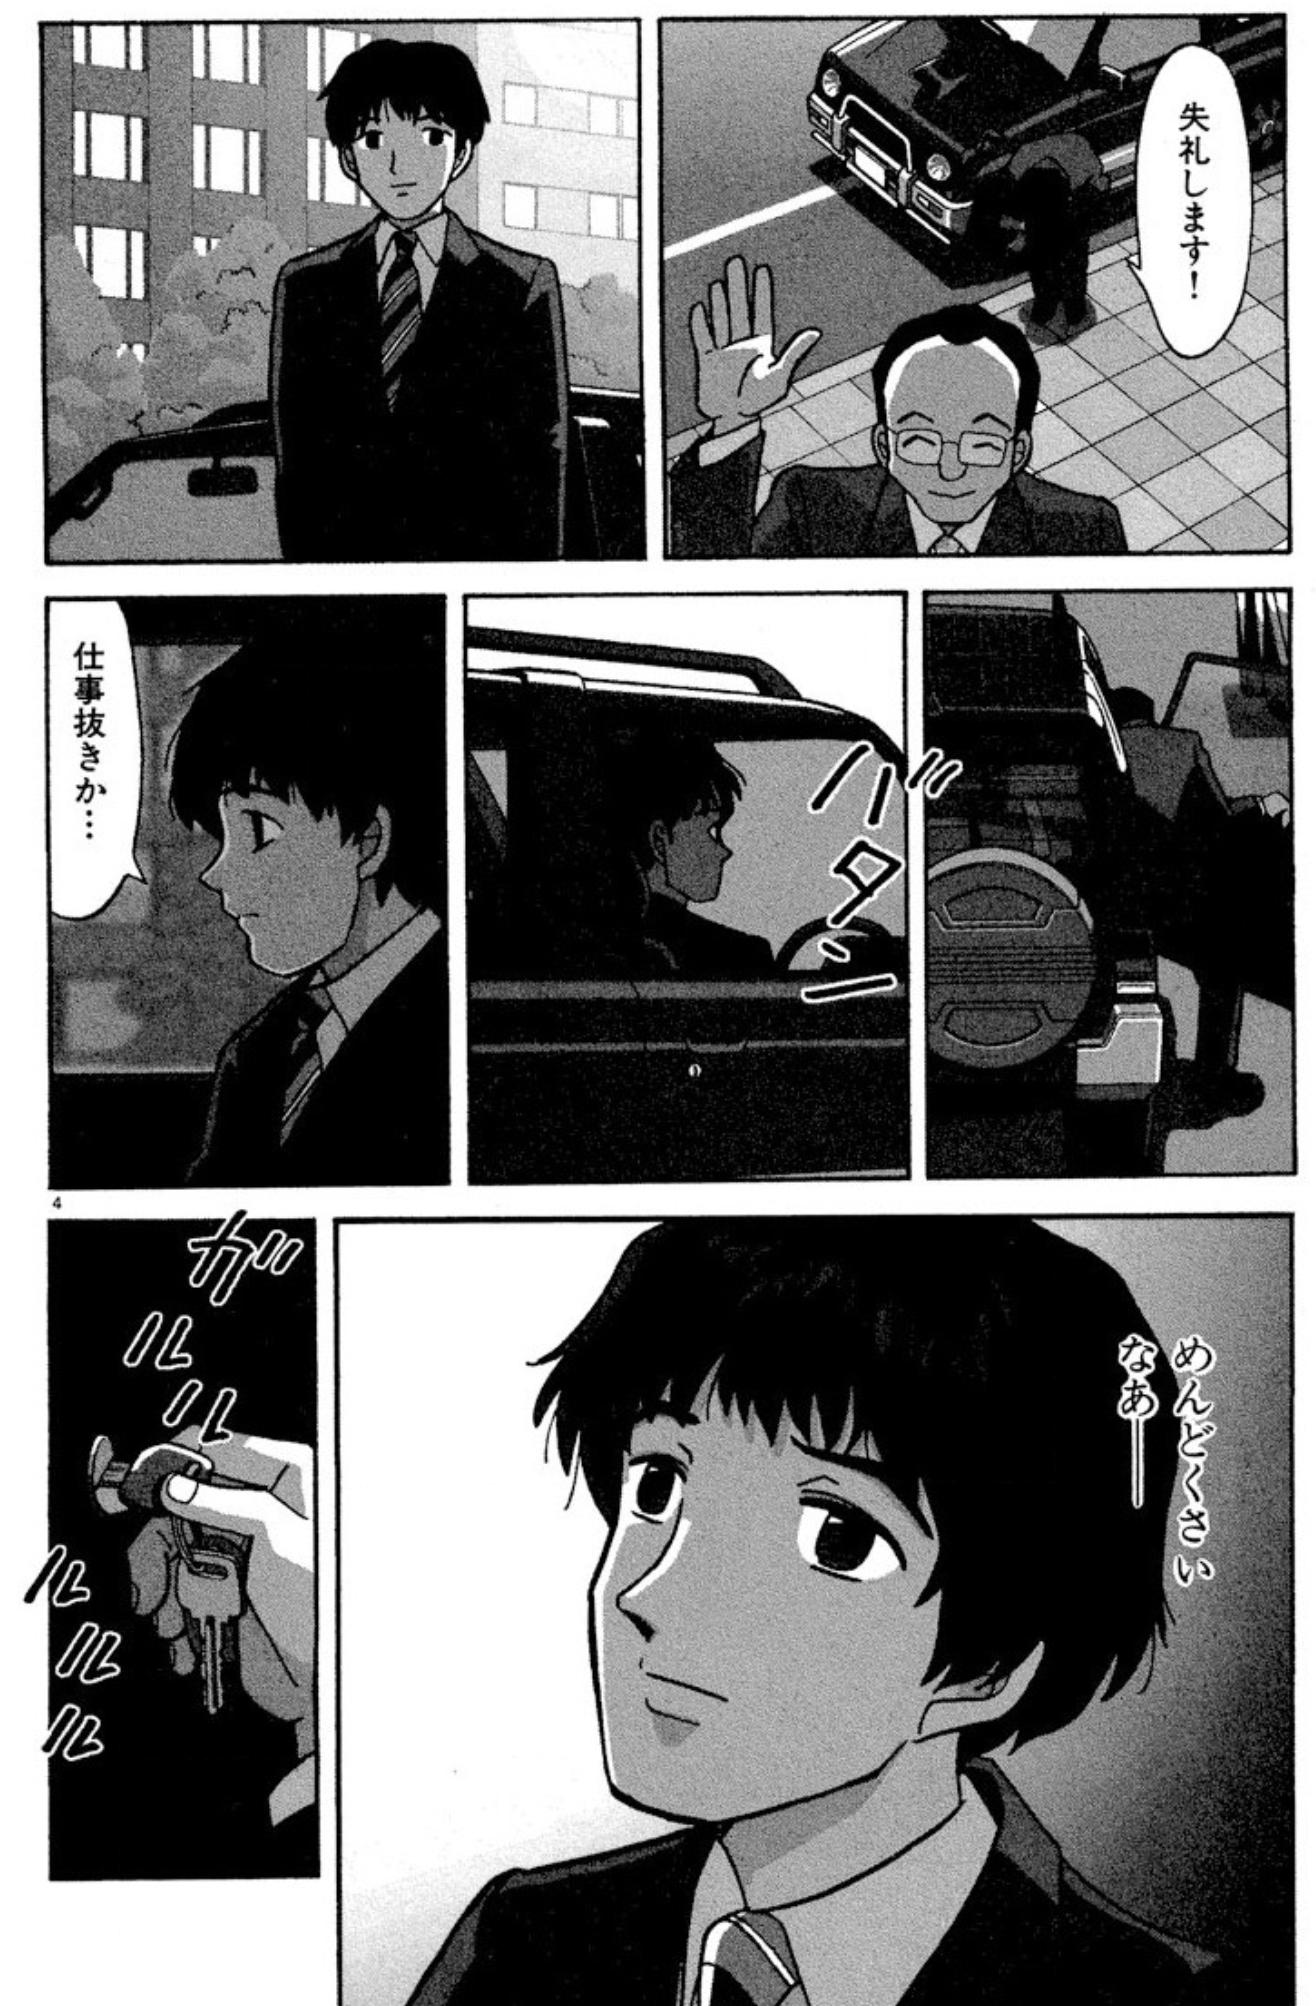 漫画『本気のしるし』の見所をネタバレ!こんな人いる!と思えるリアルな「辻一路」